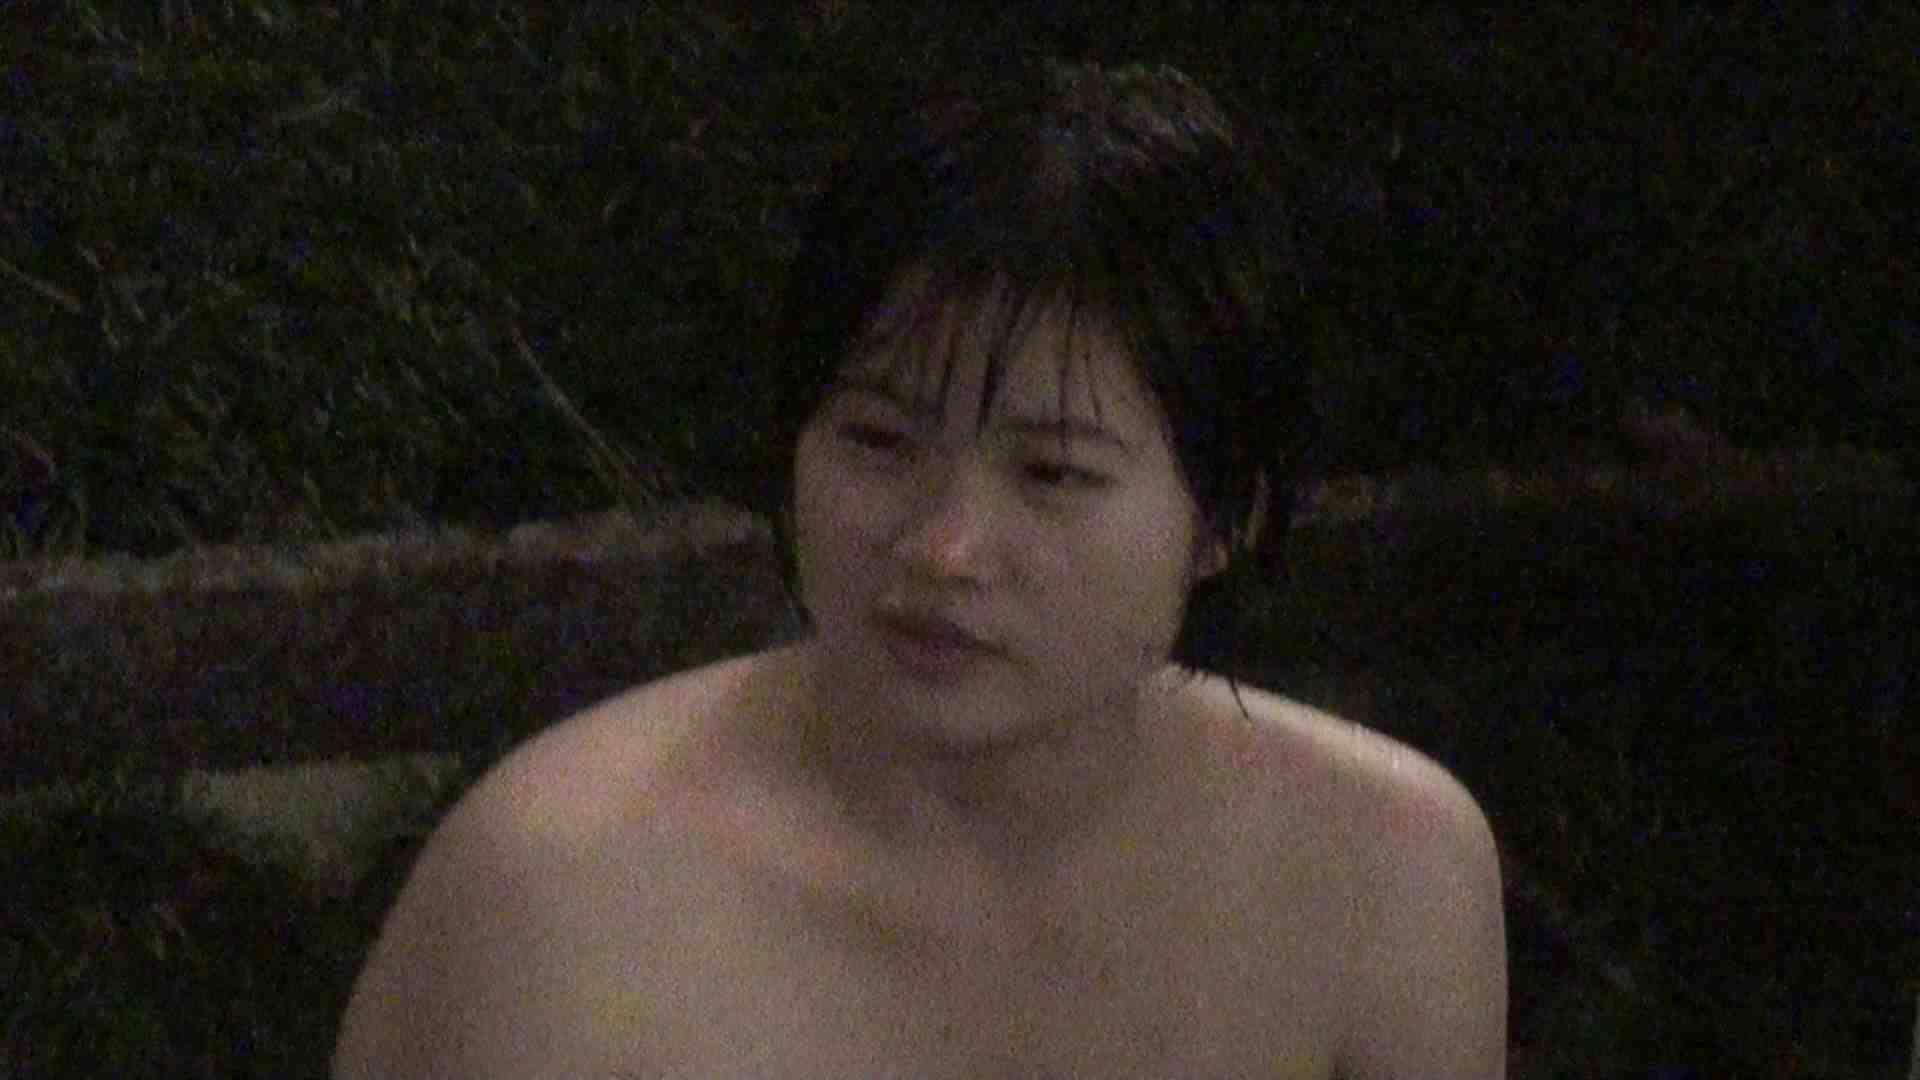 Aquaな露天風呂Vol.384 0  55pic 22